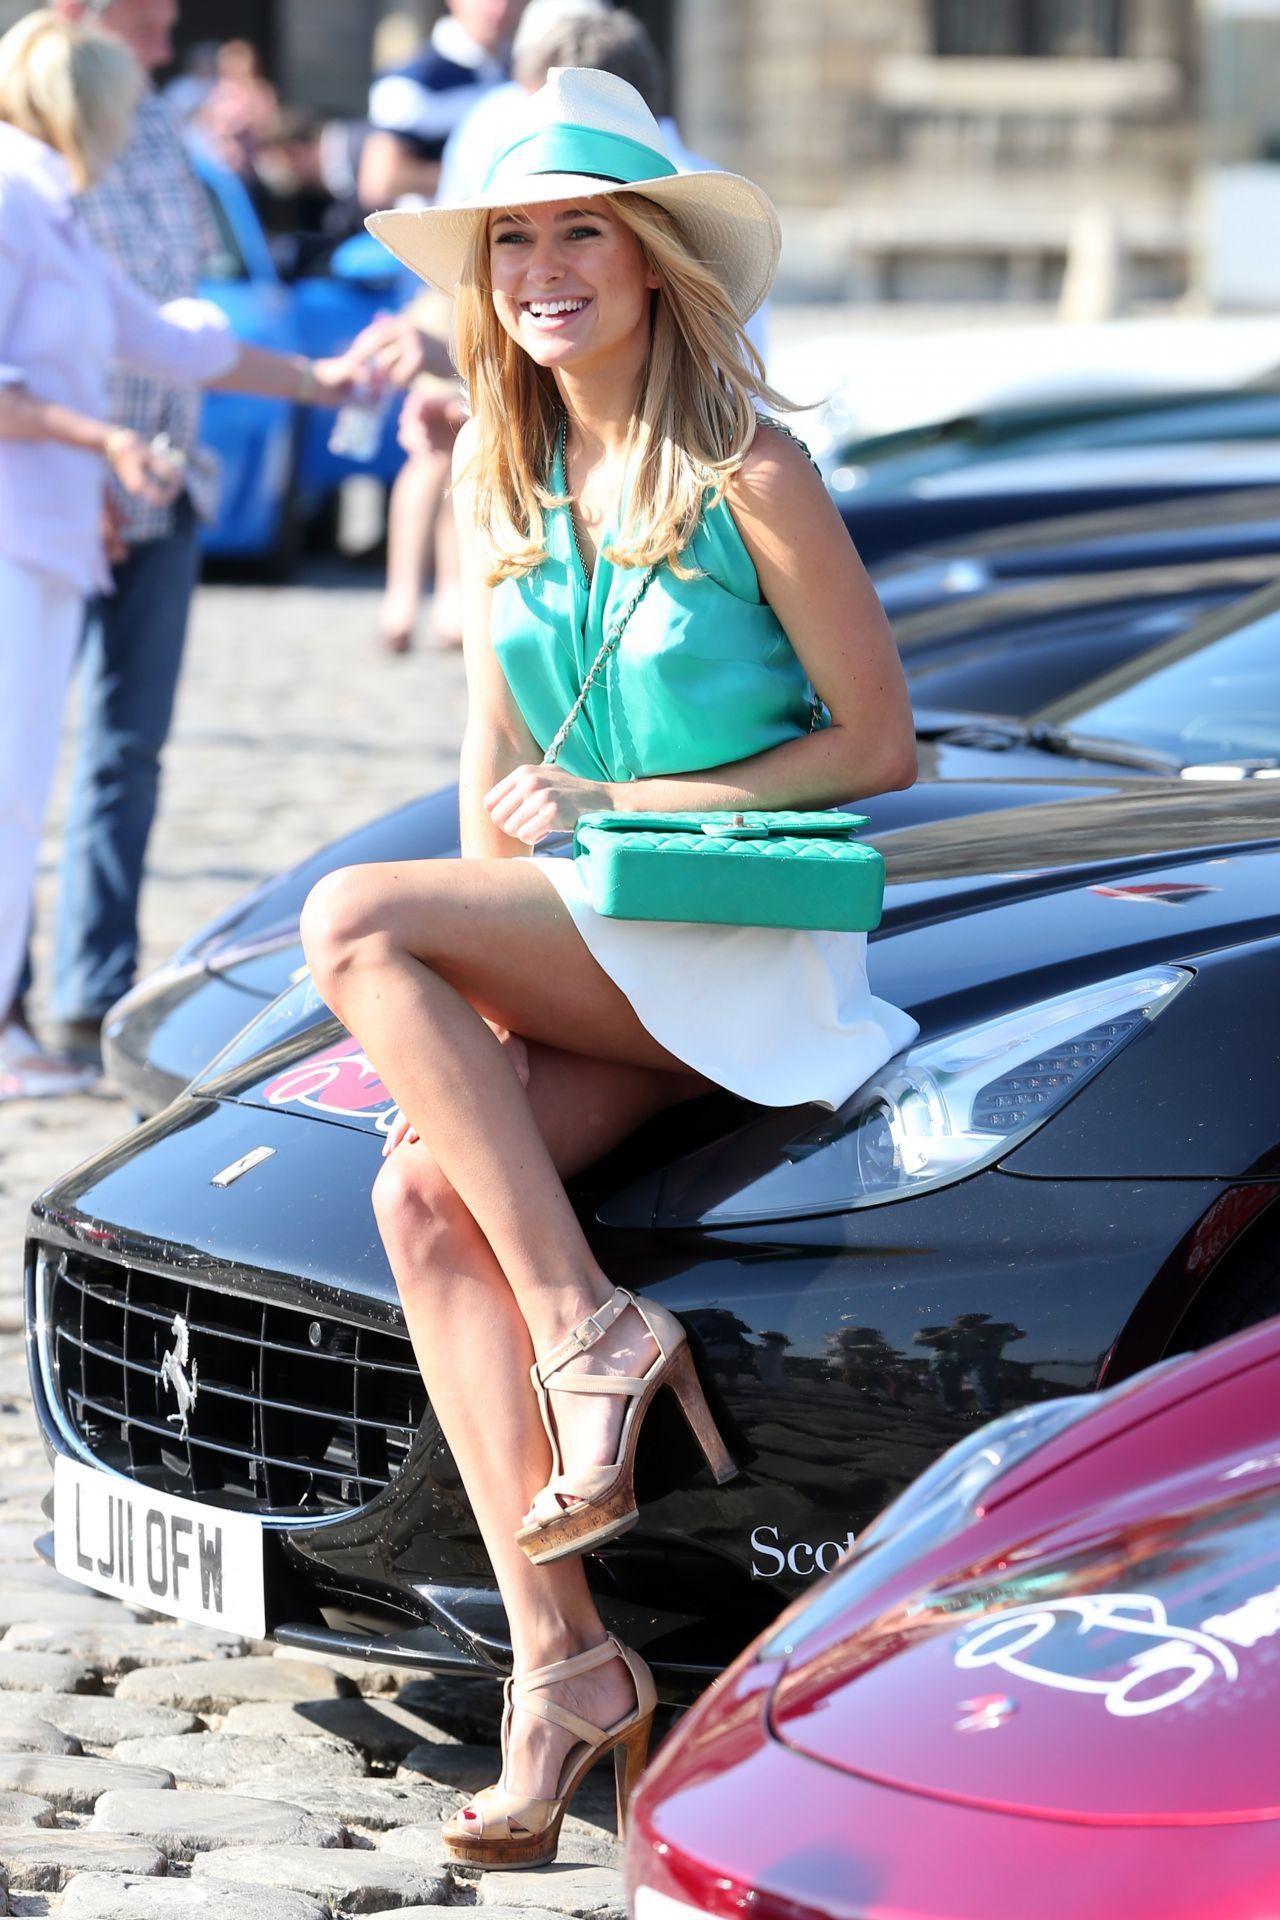 Kimberley Garner in Mini Skirt at The Grand Tour Race in Paris - June 2014